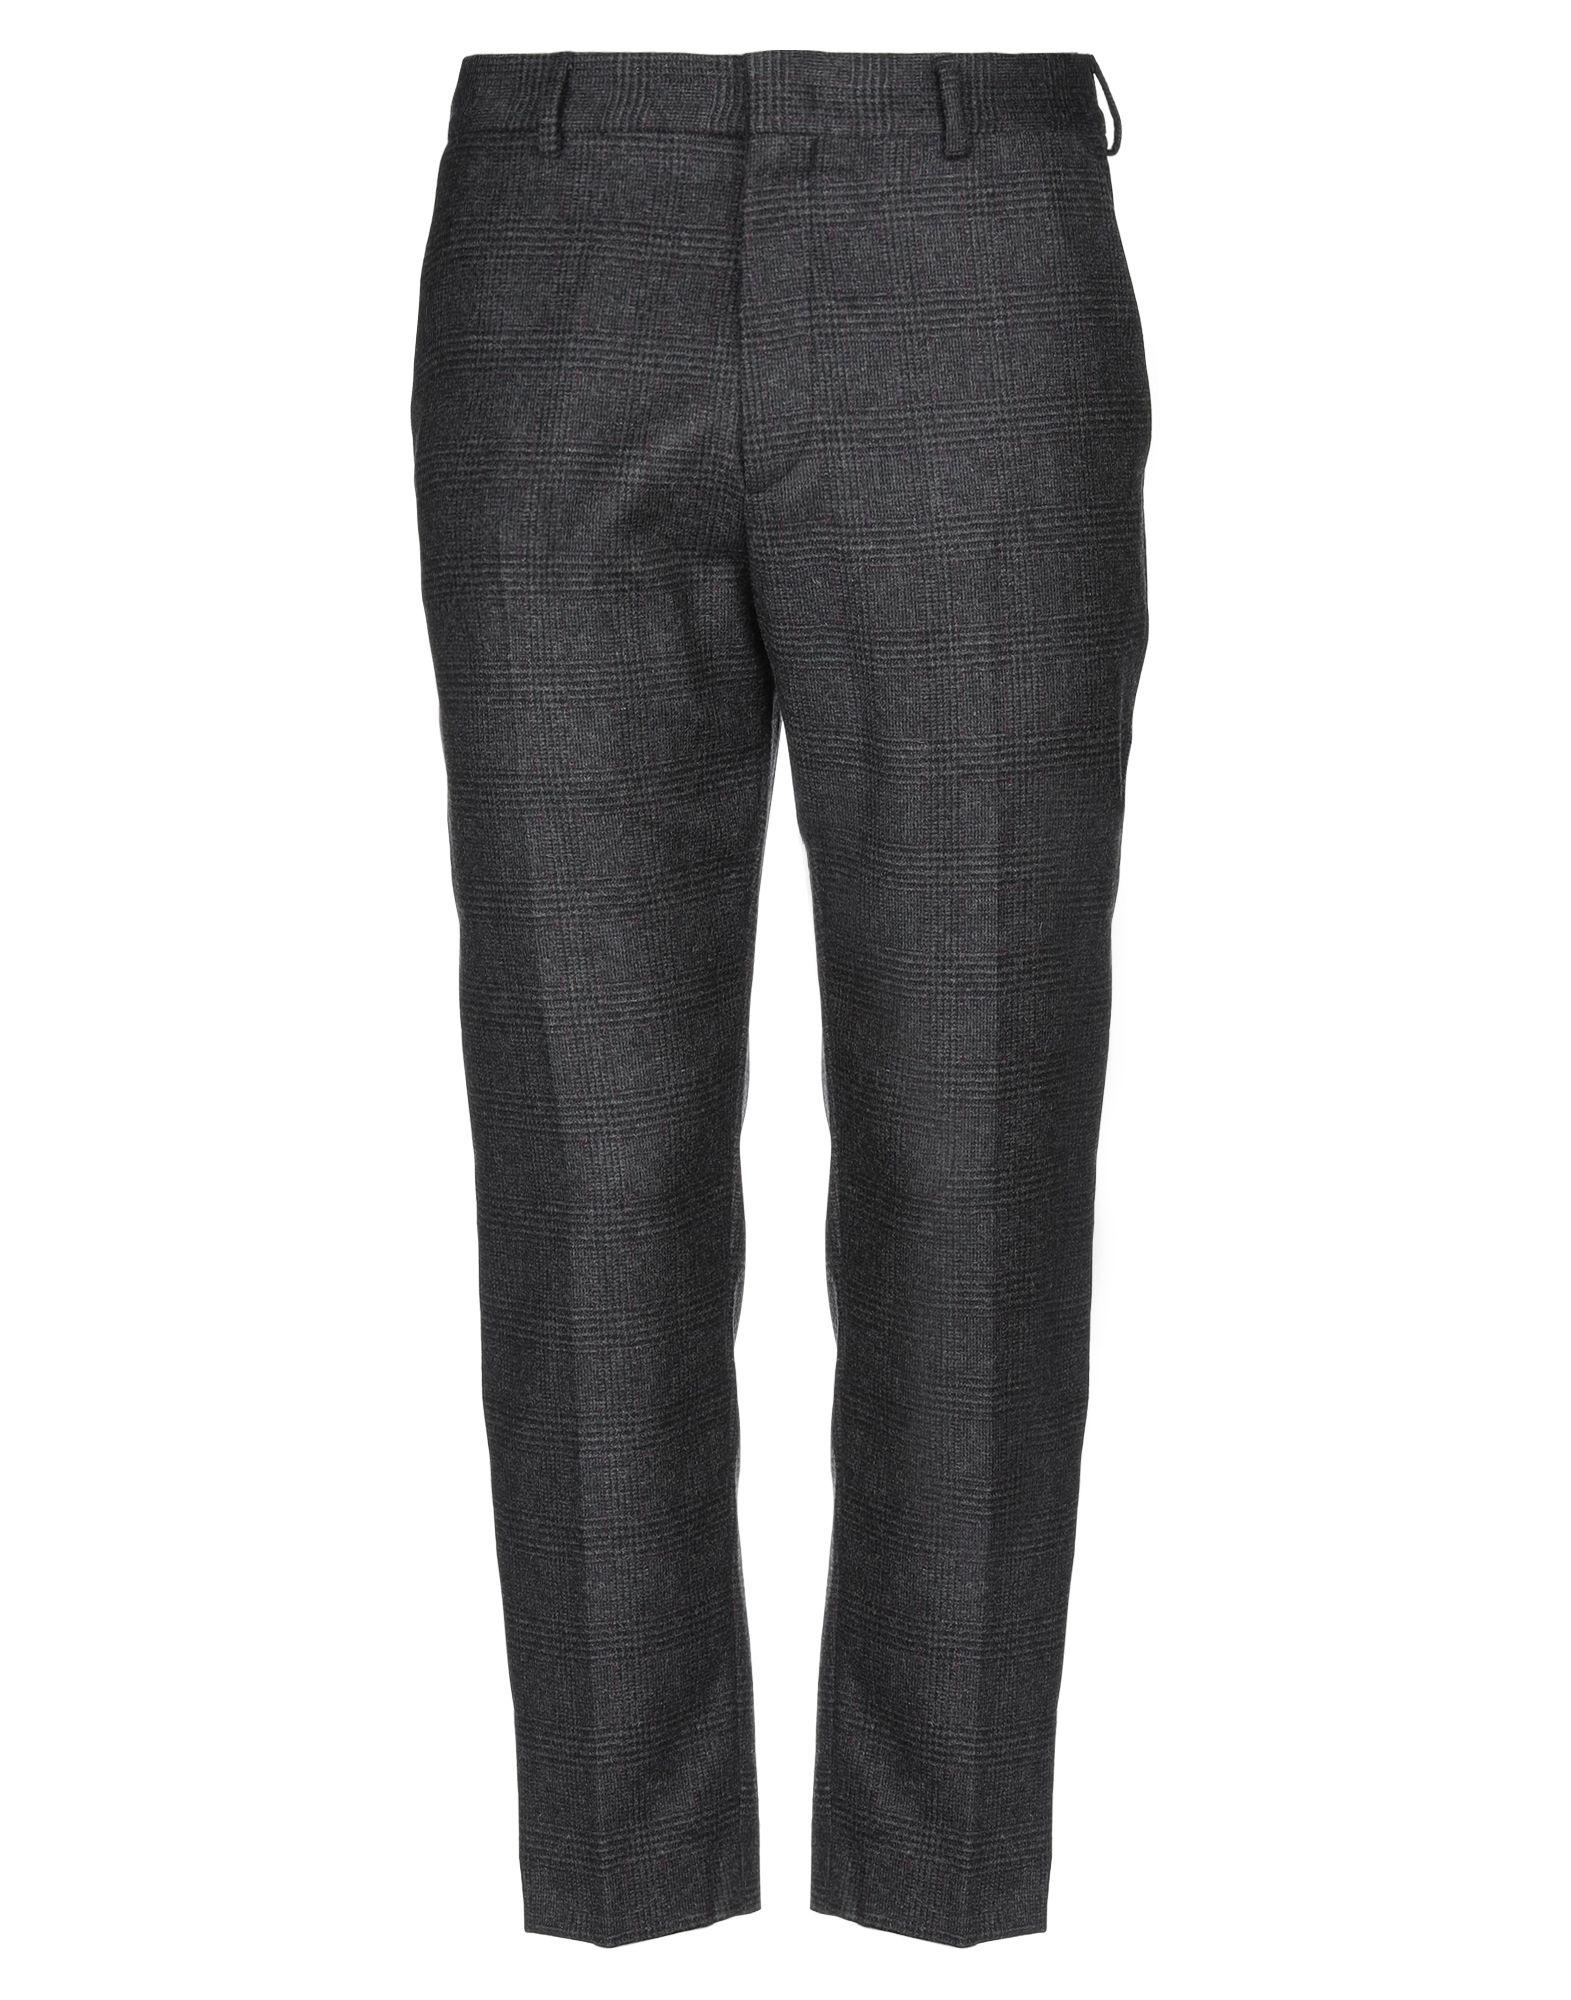 Pantalone Pantalone Pantalone Mcq Alexander Mcqueen uomo - 13354953PT b94